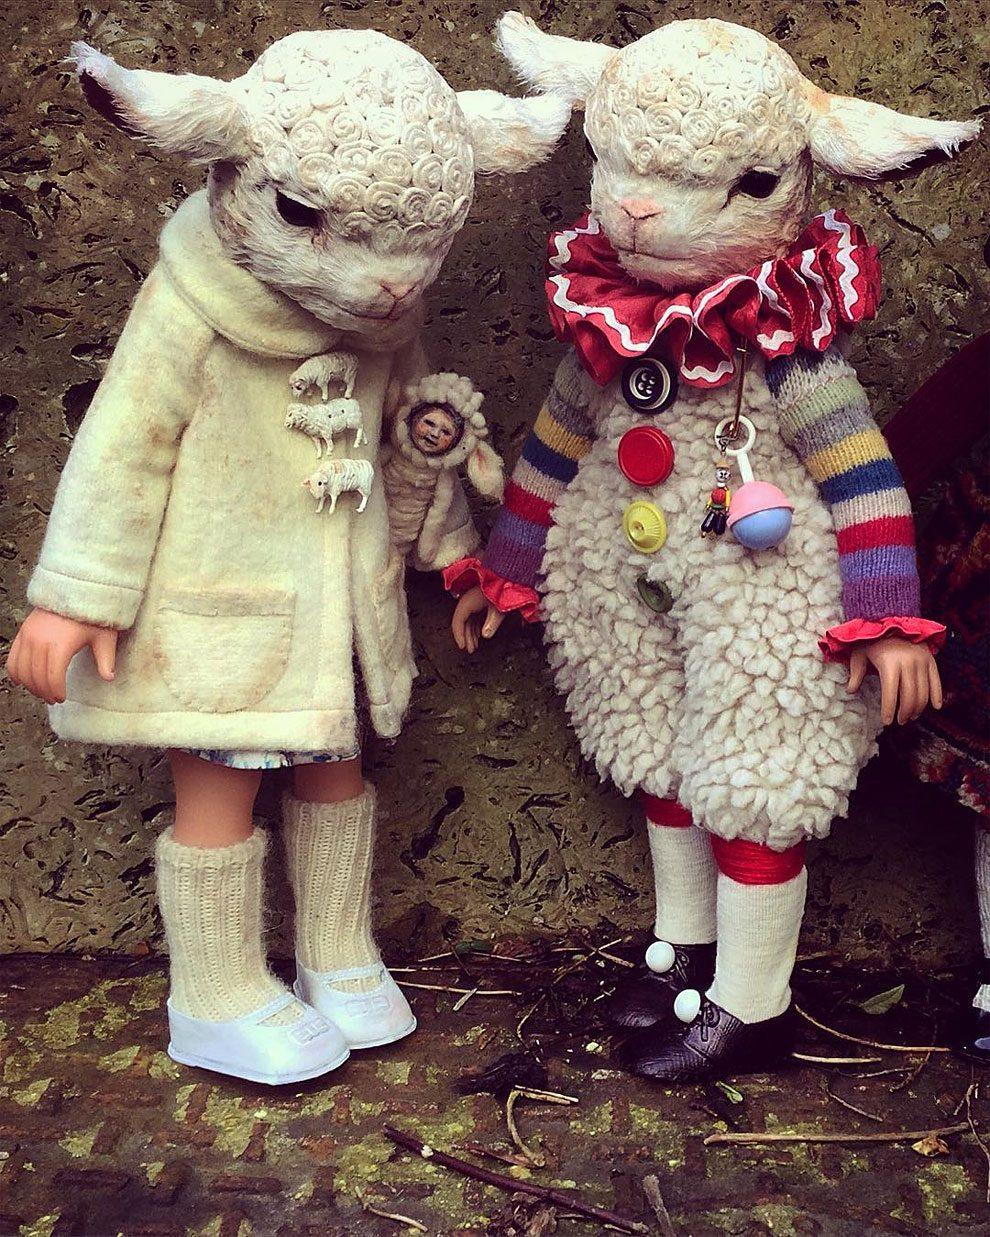 bambole-cucite-mano-teste-animali-annie-montgomery-14